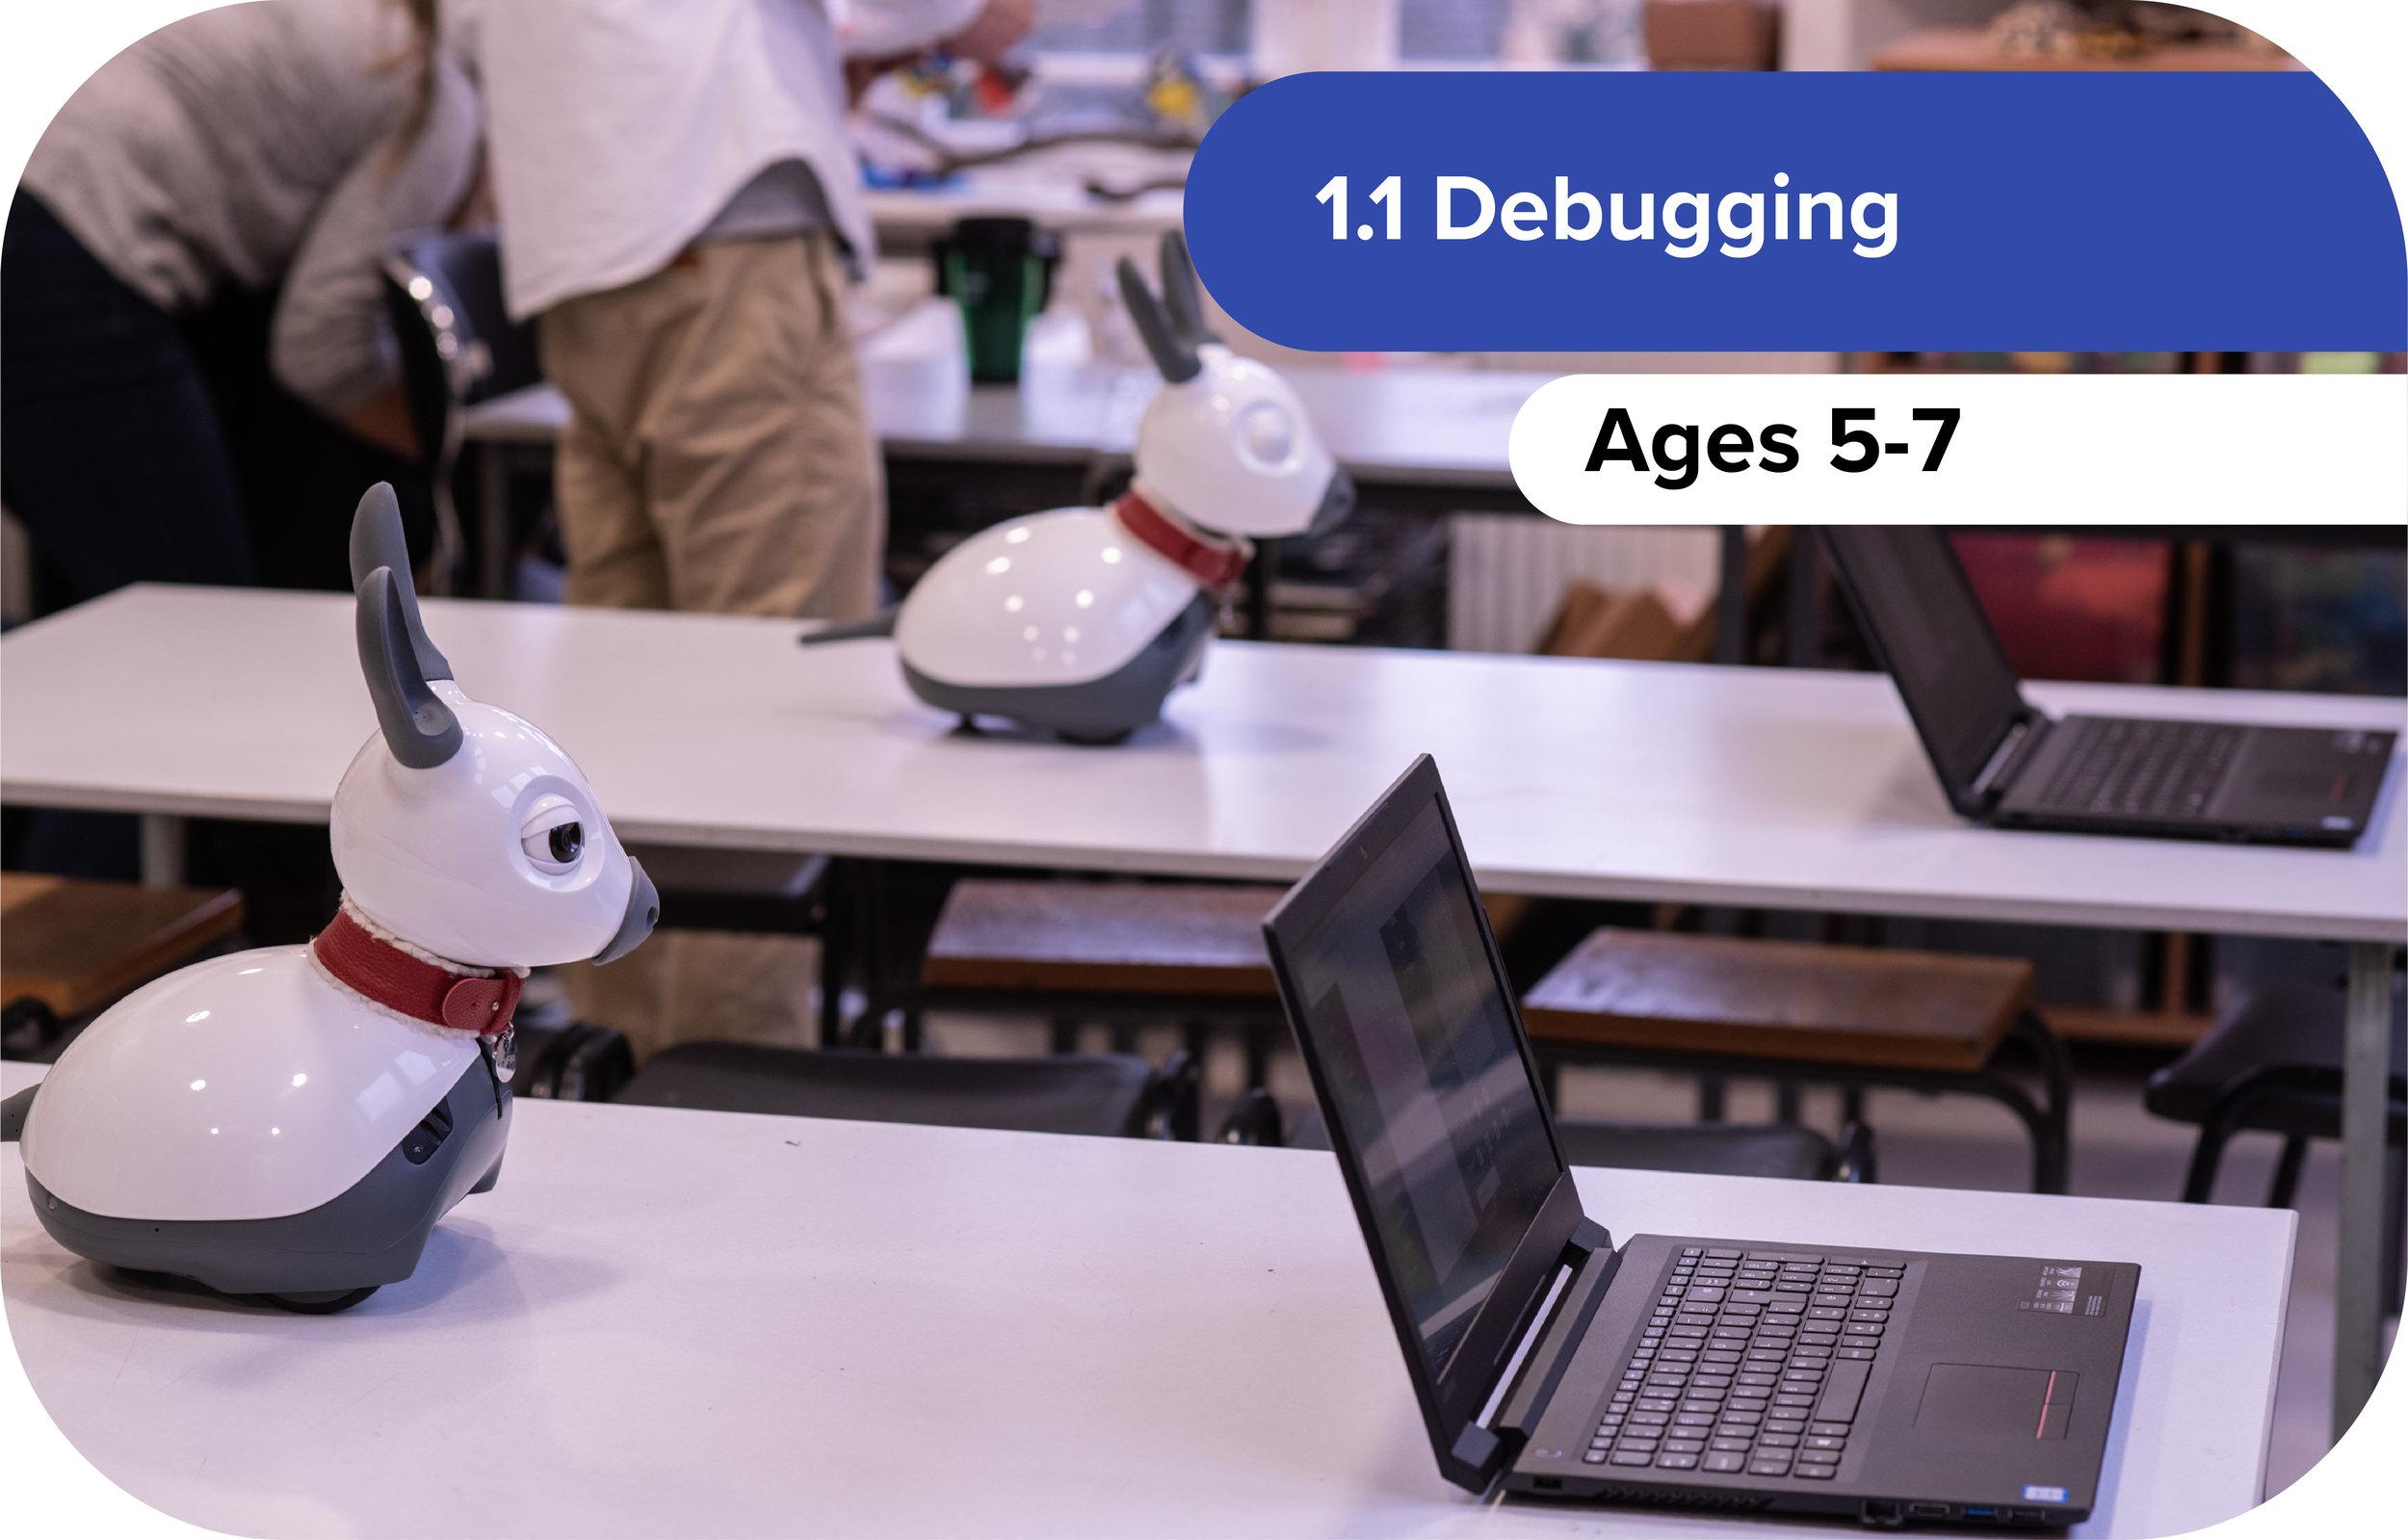 1.1 Debugging